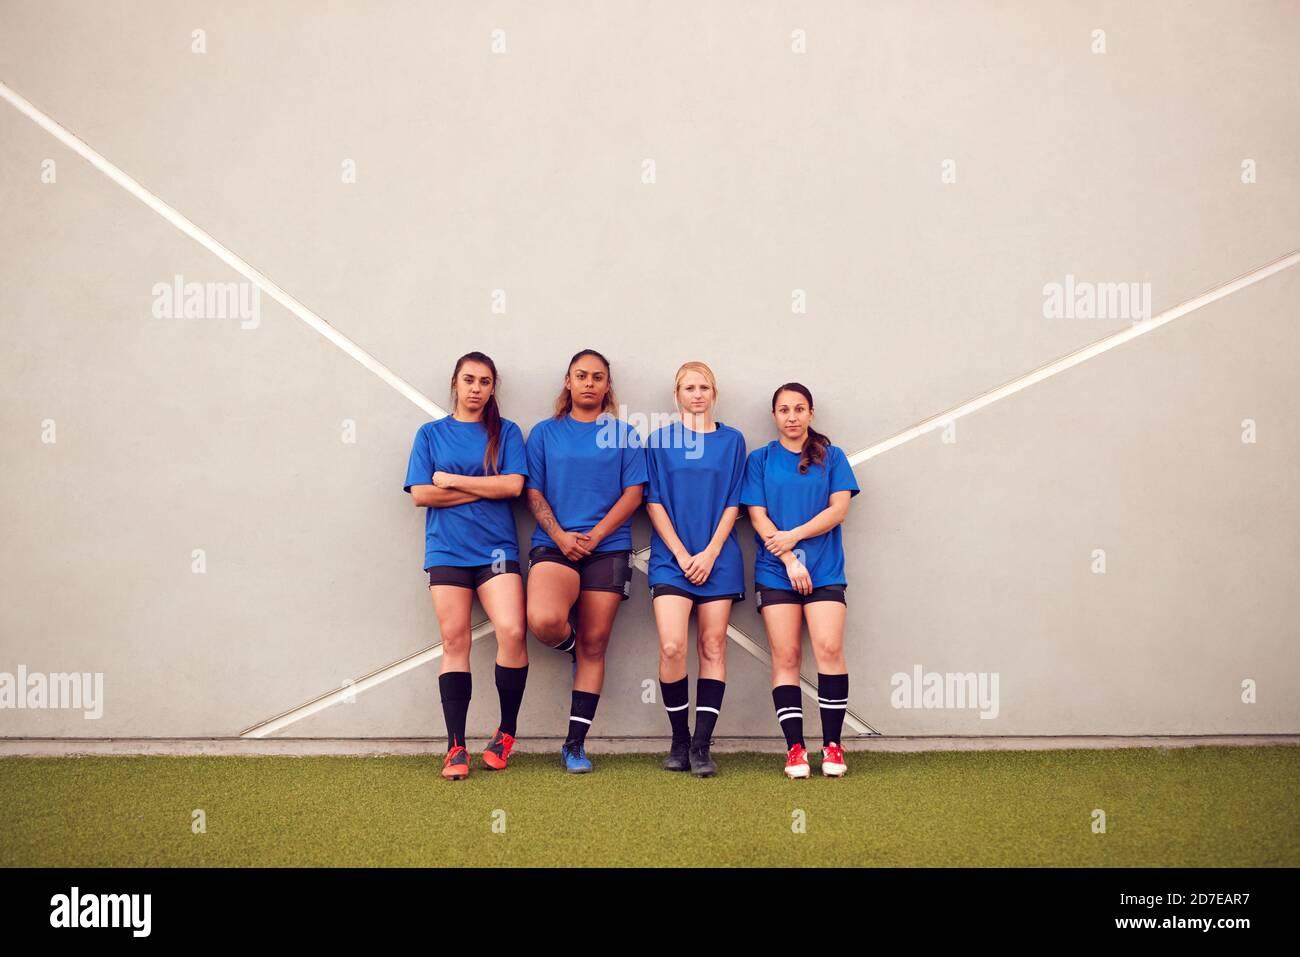 Photo graphique de l'équipe de football pour Femme qui se pend contre le mur pendant Entraînement pour le match de football Banque D'Images